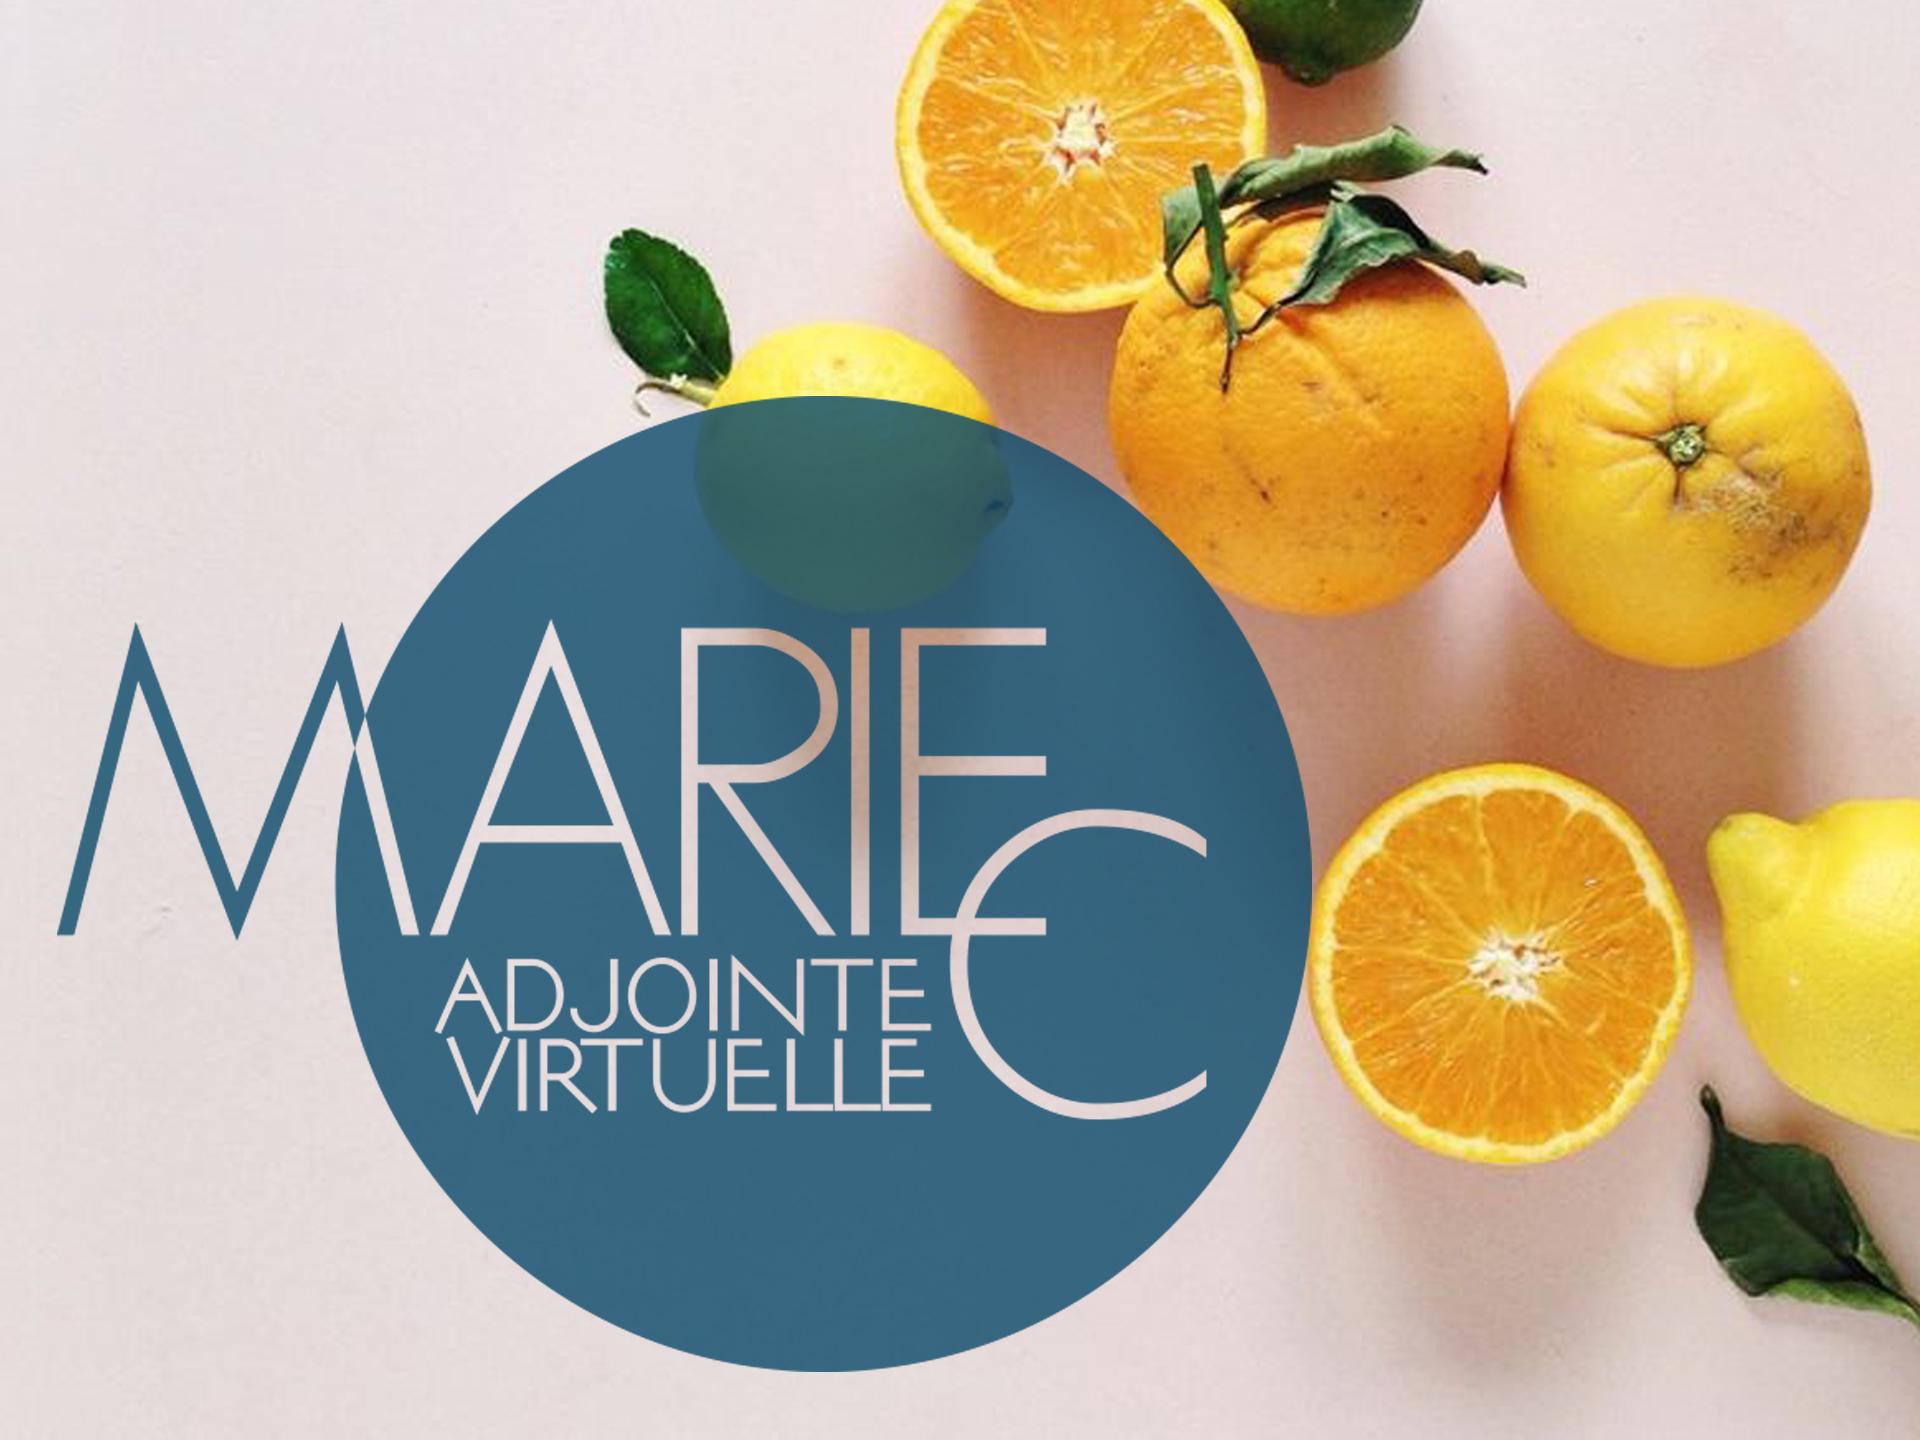 MarieC